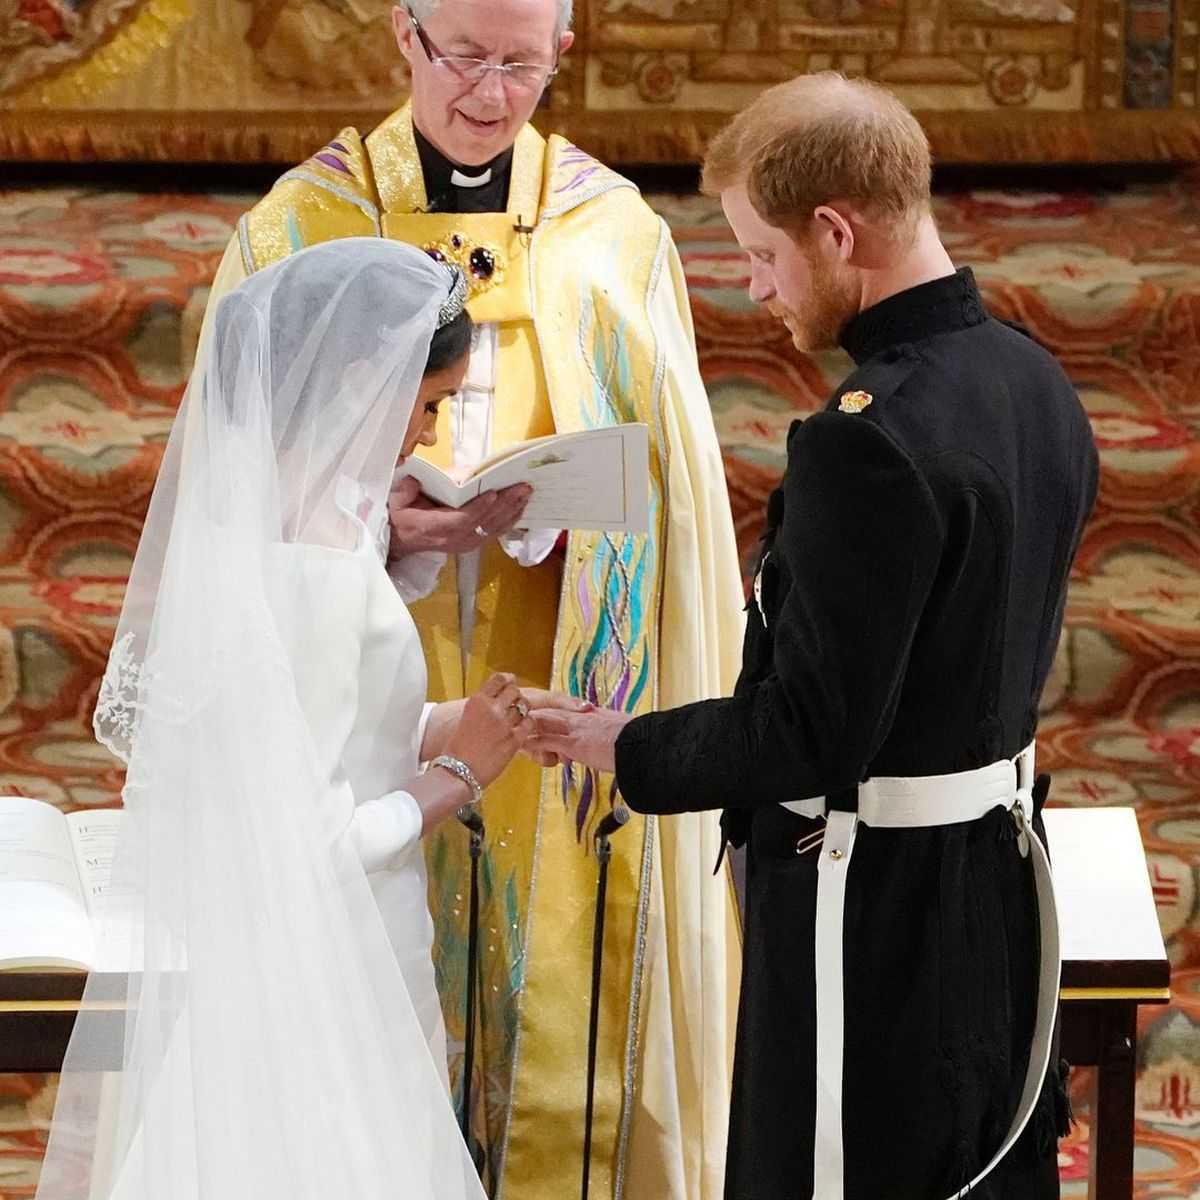 Меган Маркл поставила под удар Архиепископа Кентерберийского, высшее духовное лицо Британии